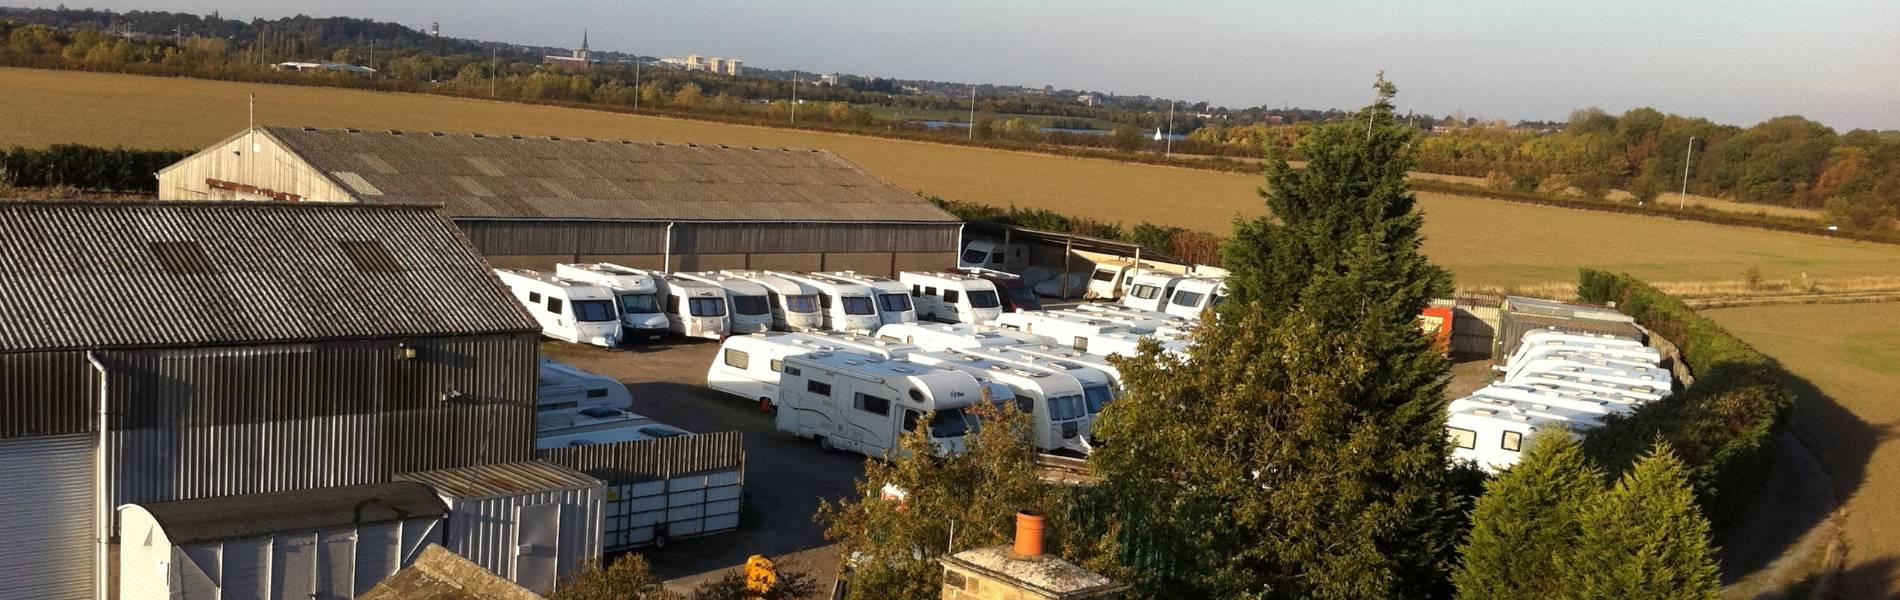 Caravan Motorhome Storage